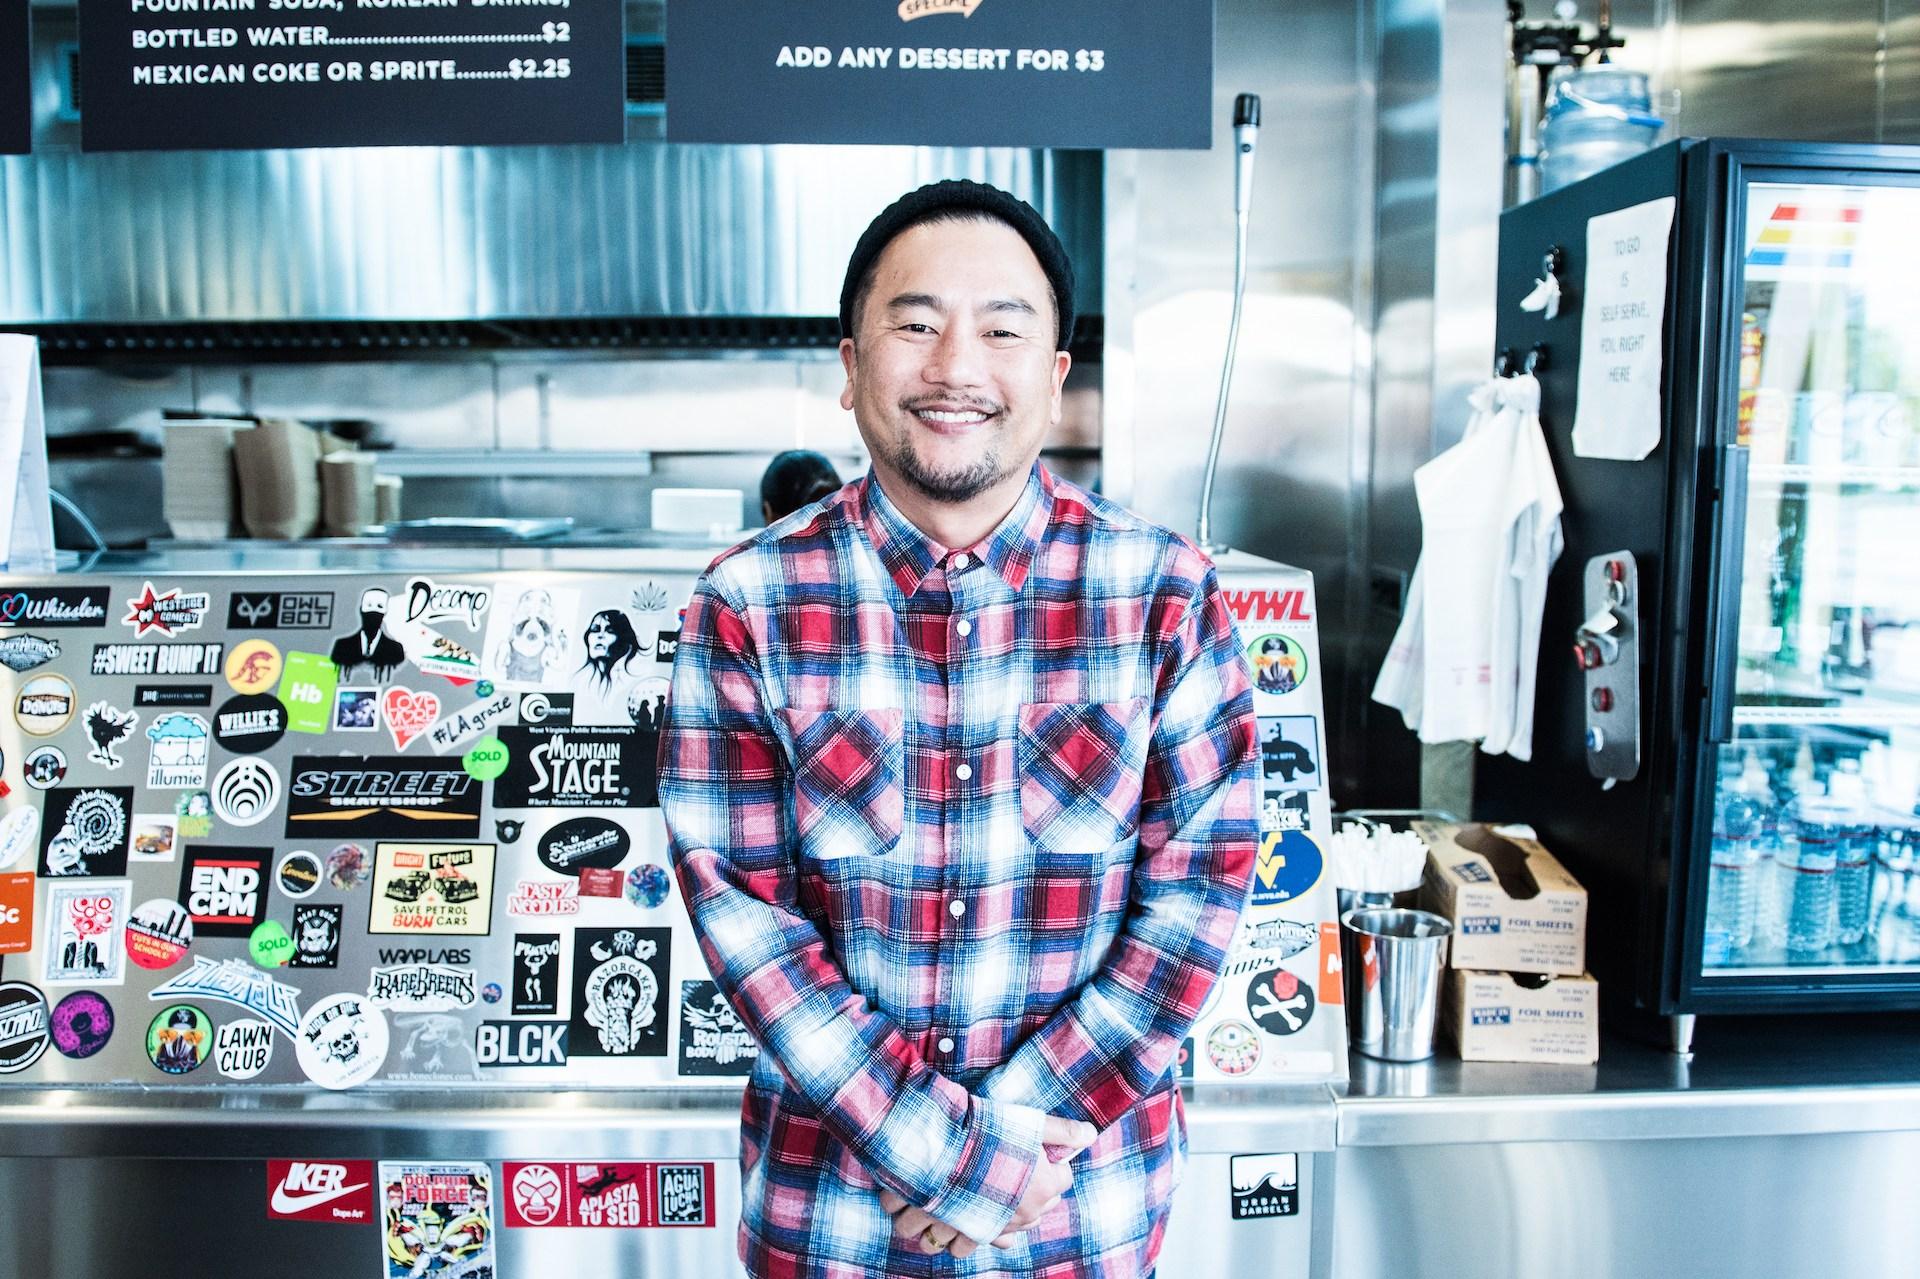 Roy Choi at Kogi